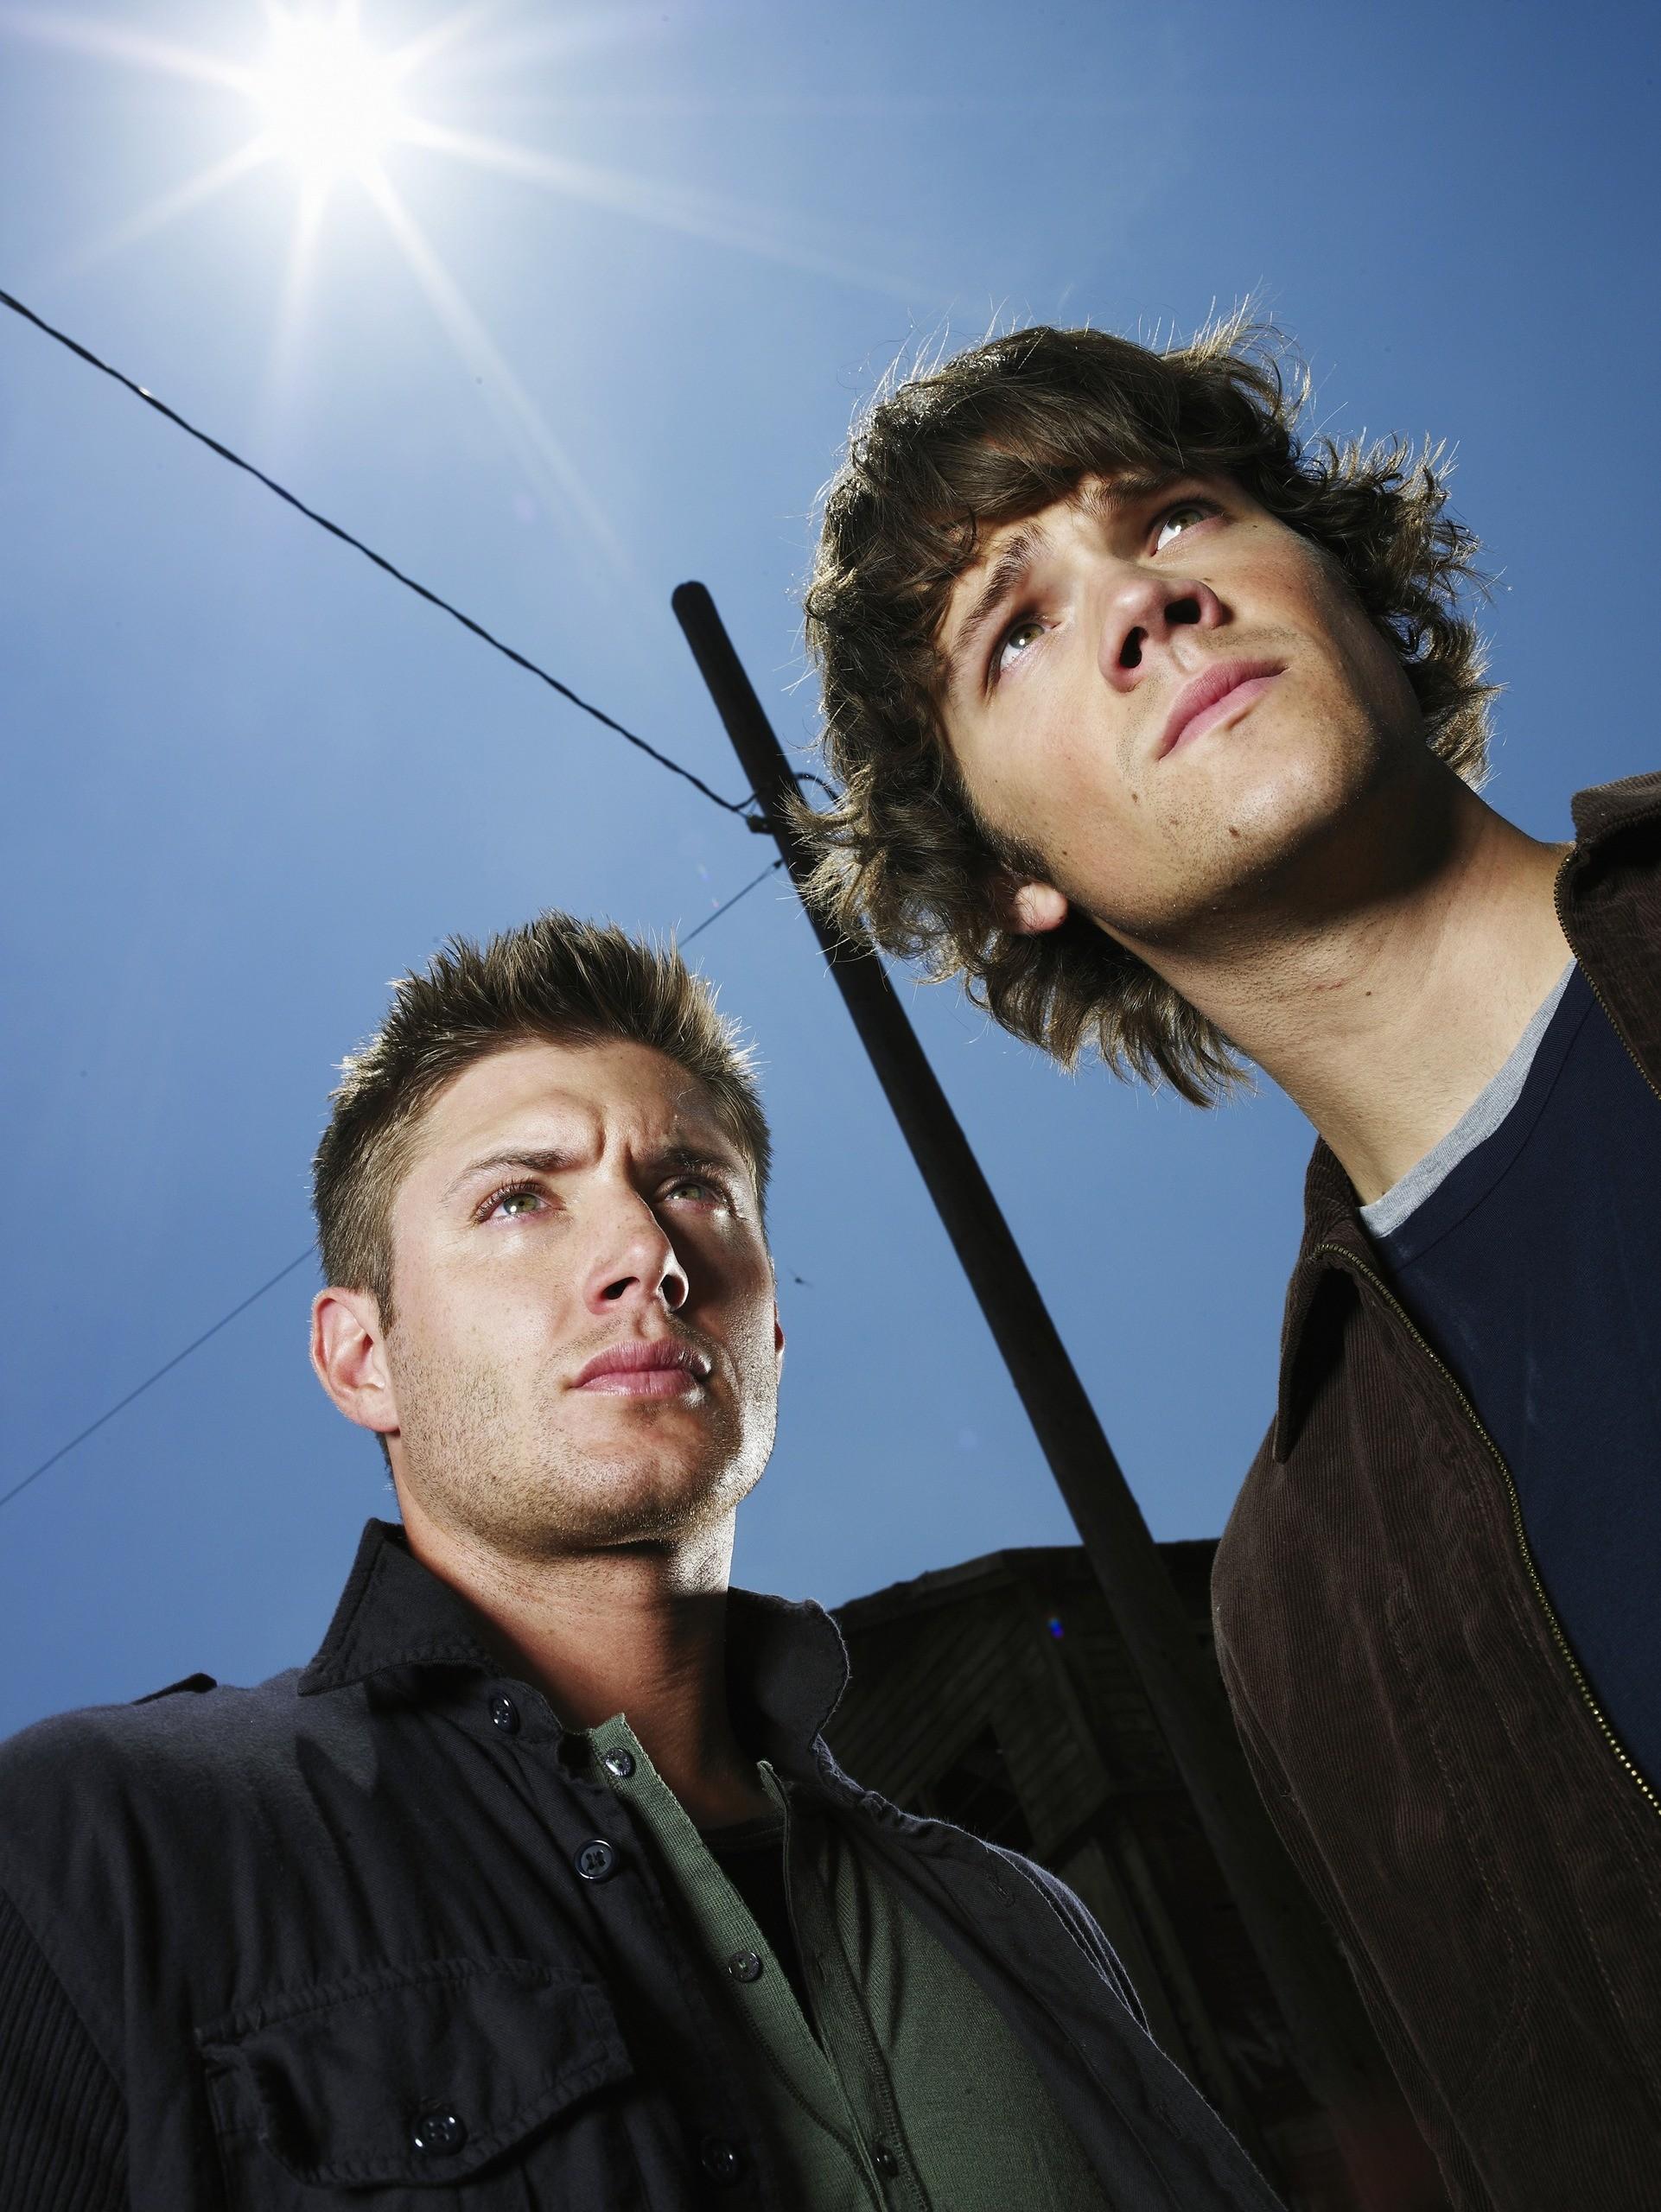 Jensen Ackles & Jared Padalecki as Dean & Sam Winchester   Season 2  Supernatural